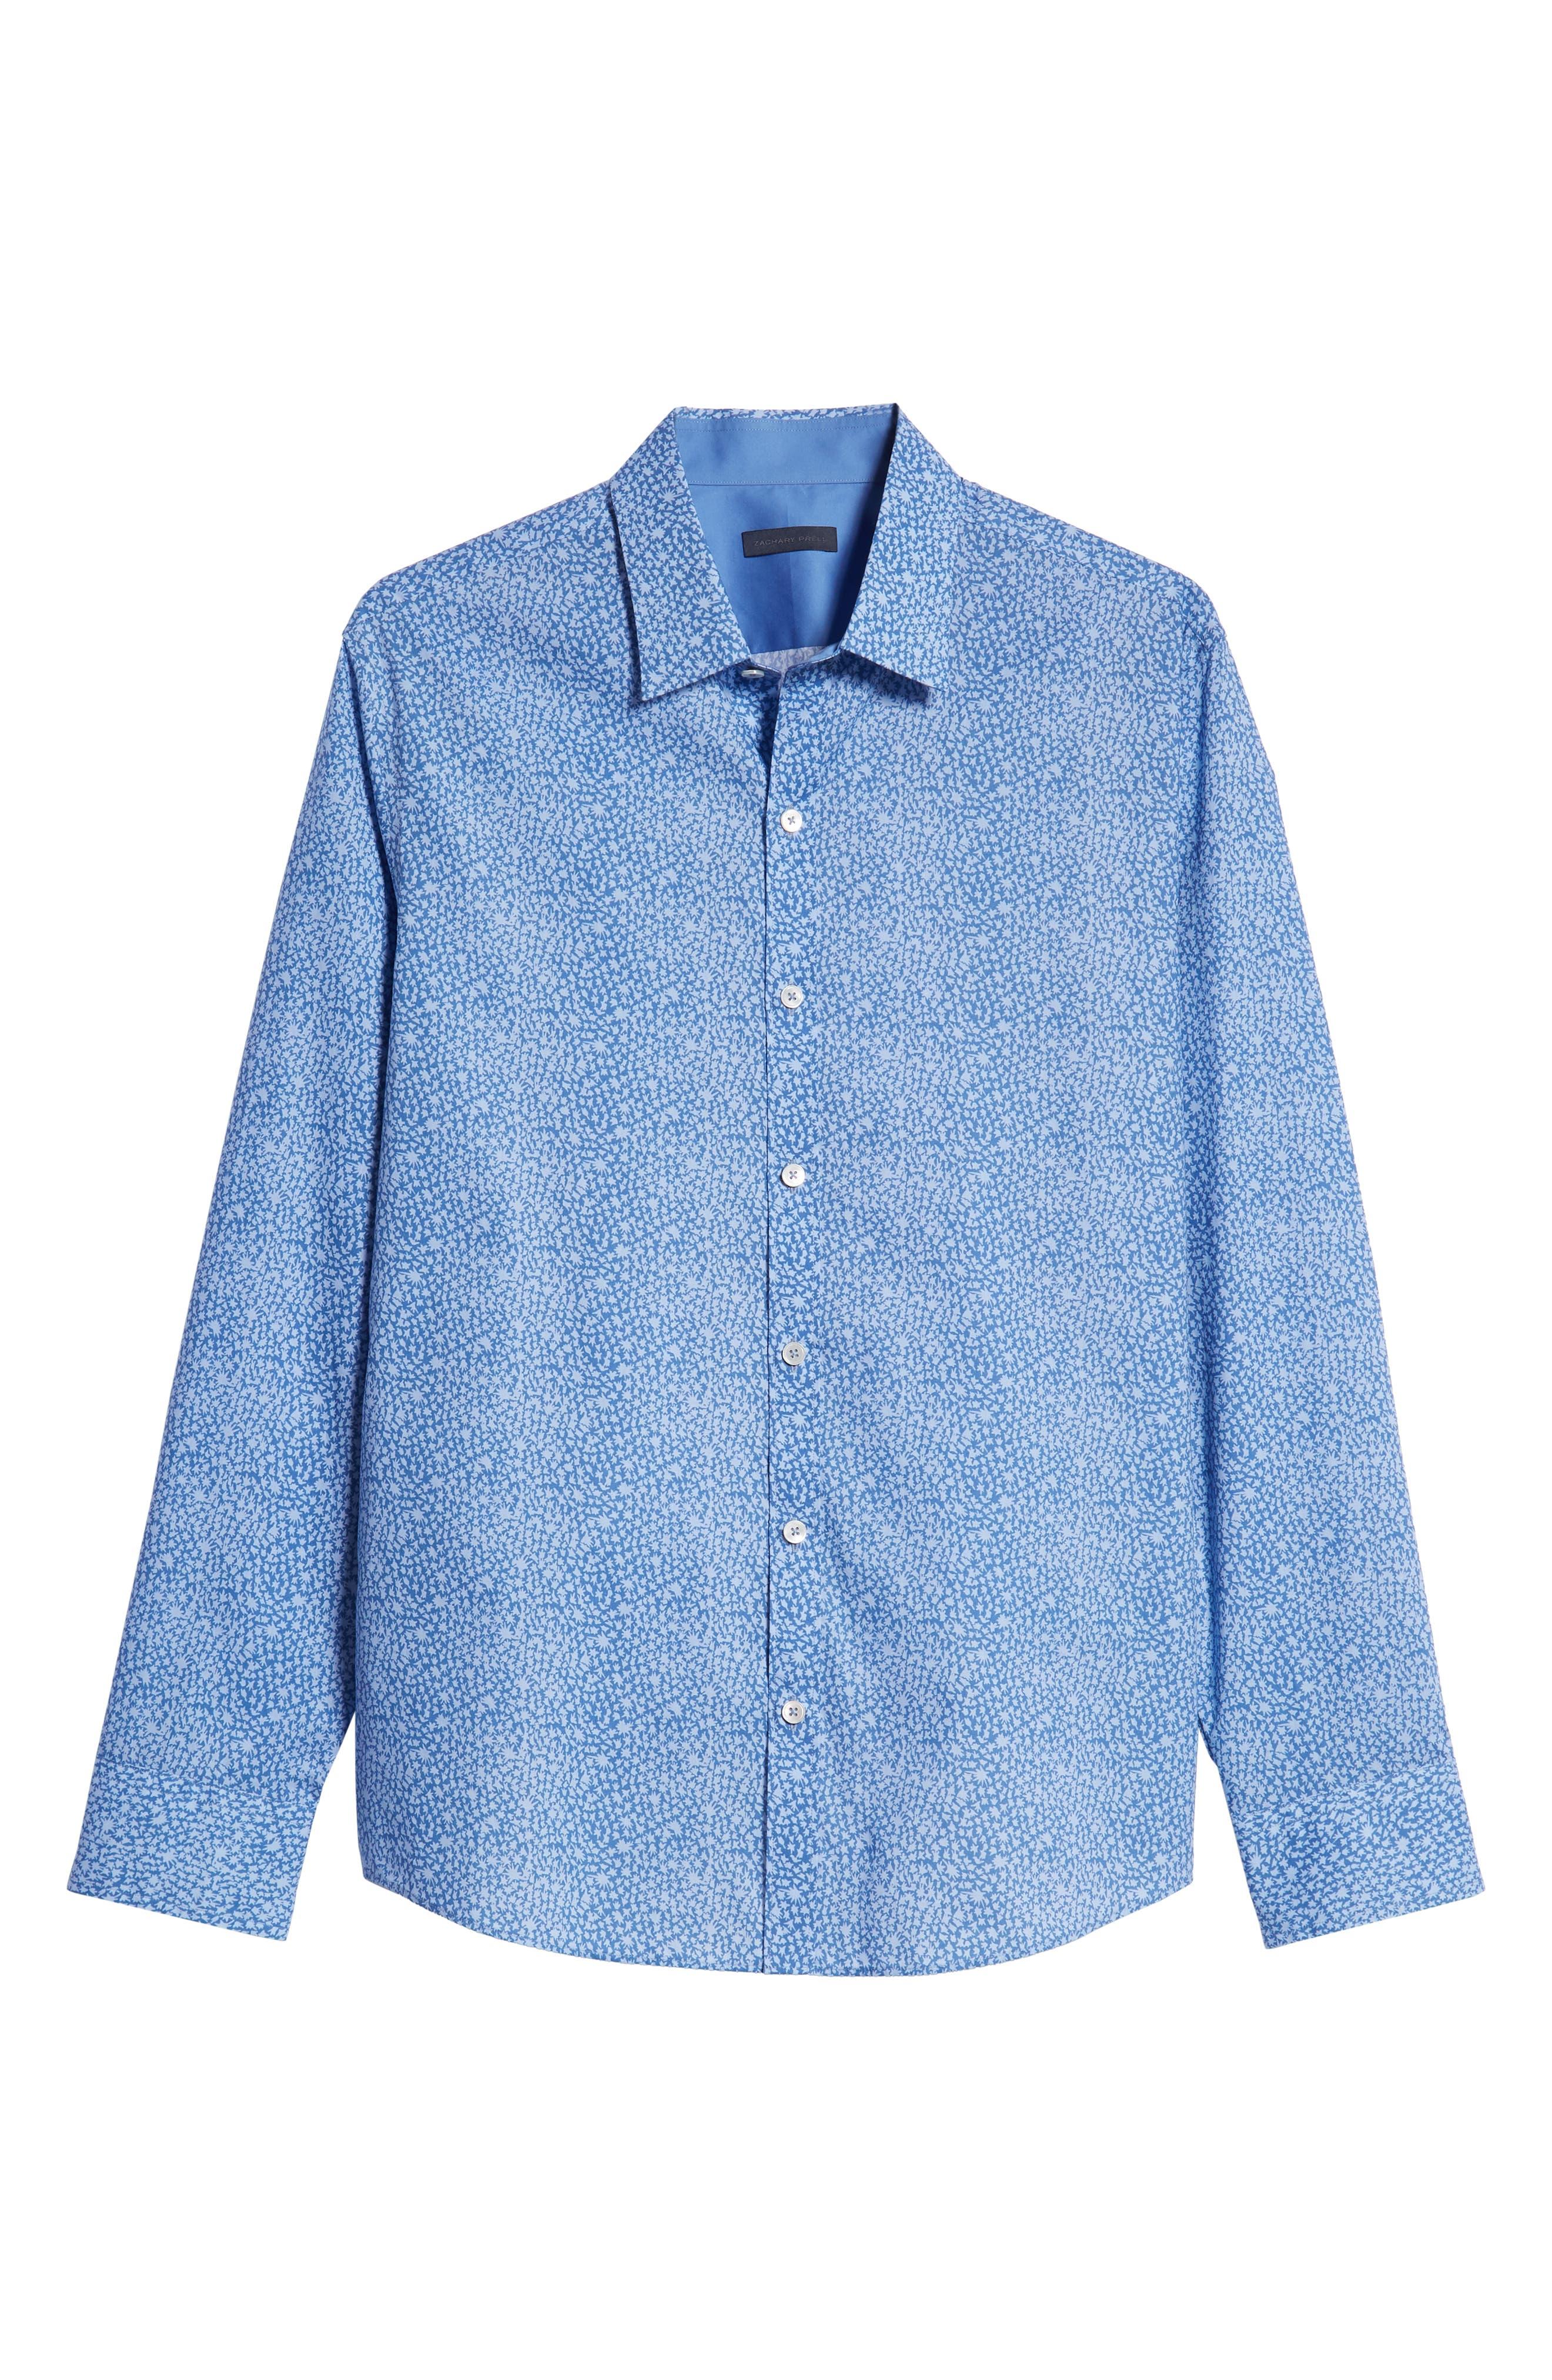 ZACHARY PRELL, Elliot Regular Fit Sport Shirt, Alternate thumbnail 5, color, 422